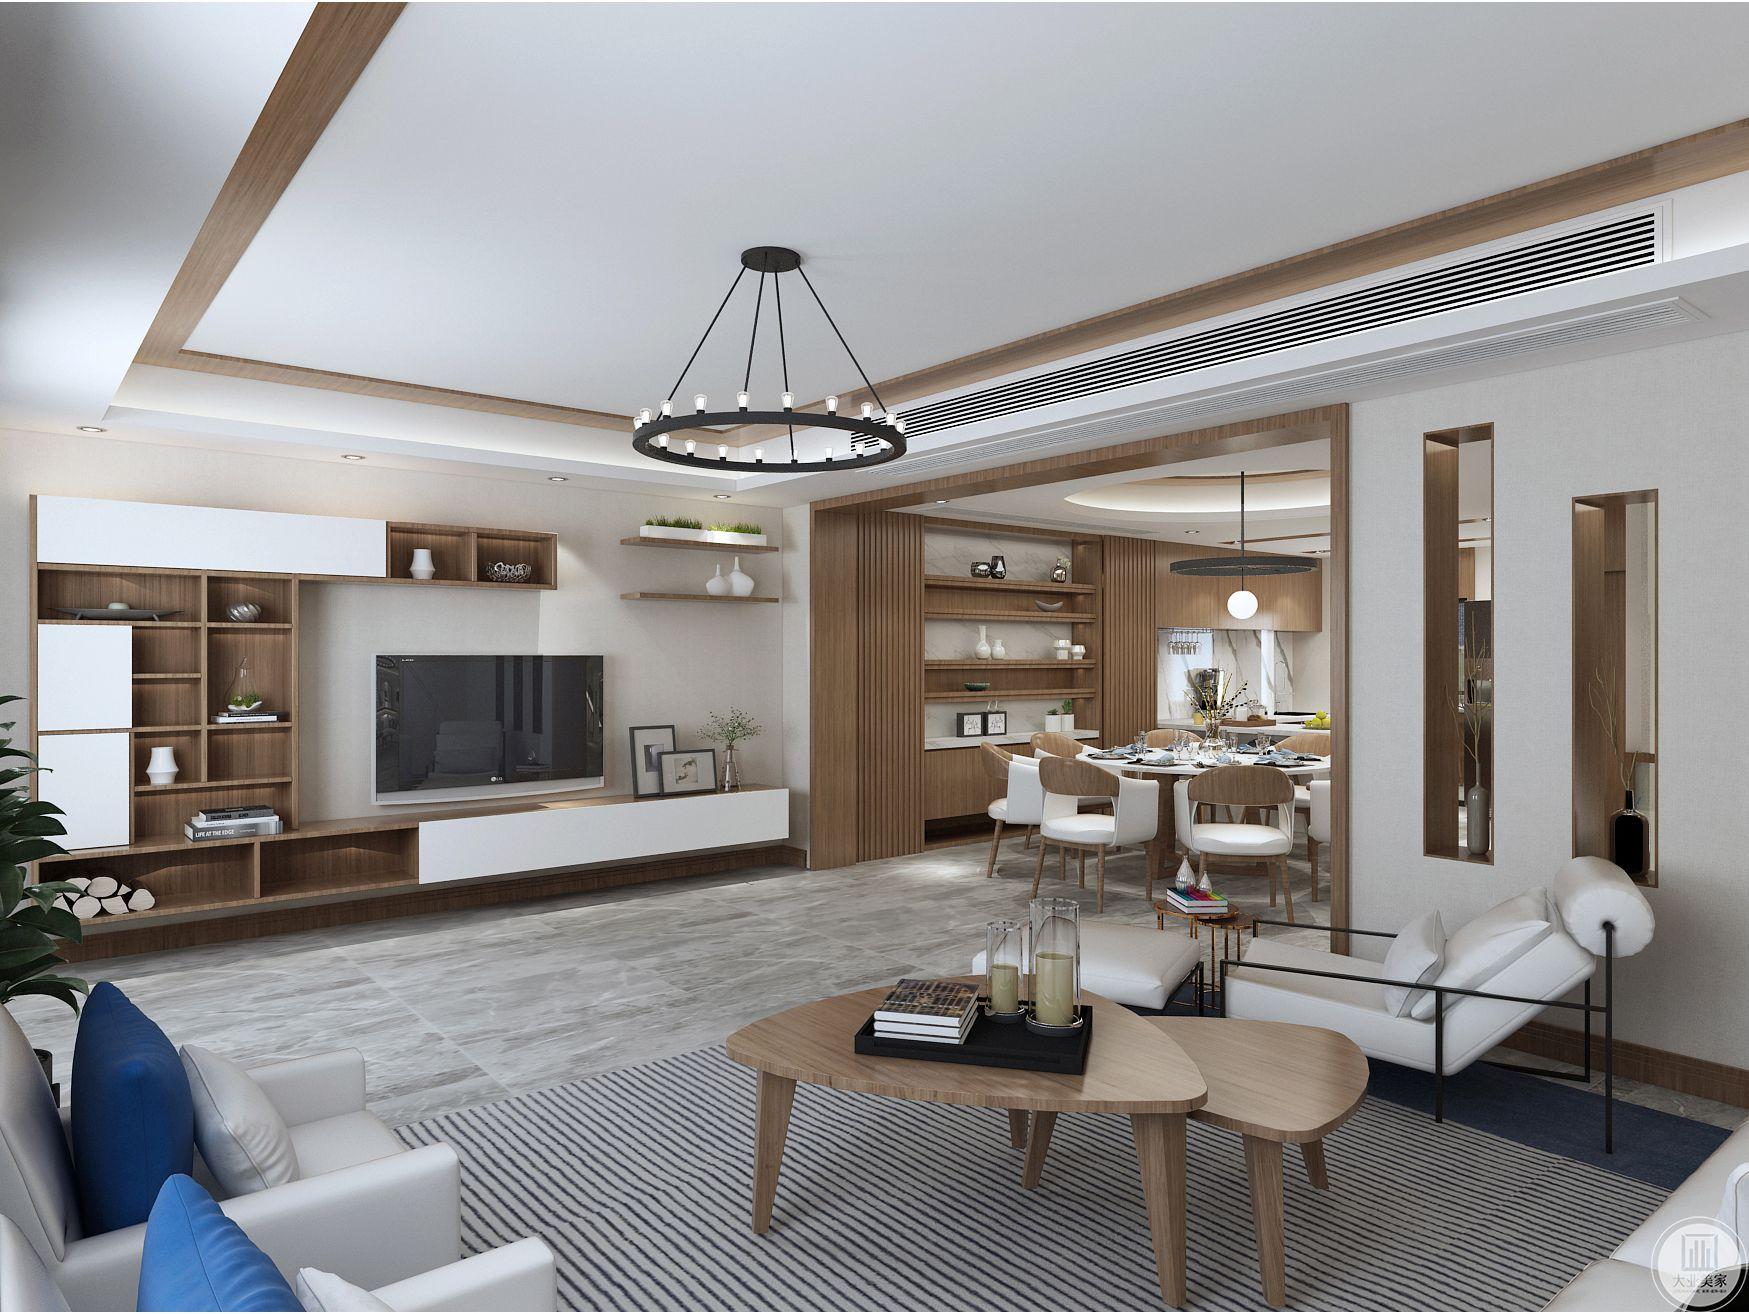 原木风格并非单调而冷硬的木质感,照样给生活居室带来不一样的亮点。